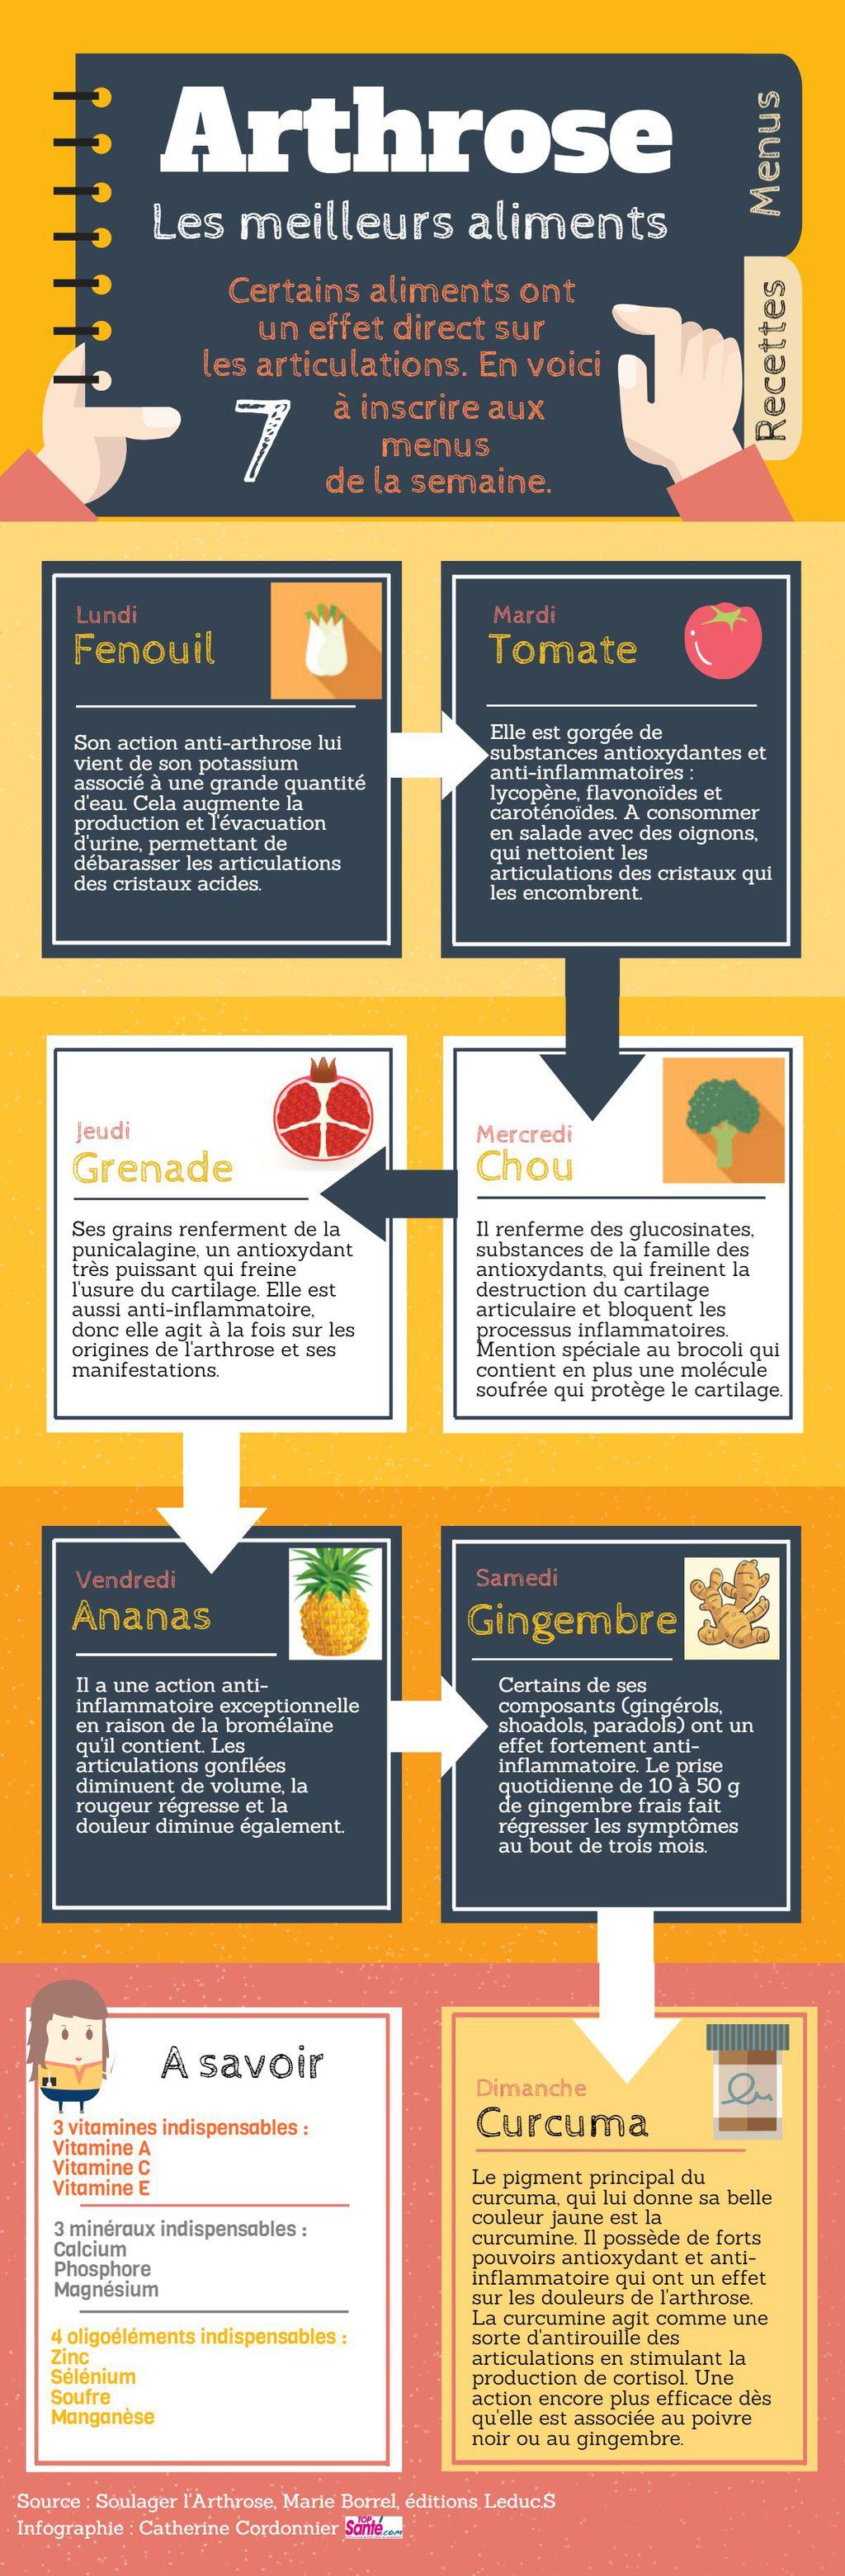 Les 7 Meilleurs Aliments Pour Traiter L Arthrose Et Soulager Les Articulations Sant 233 Nutrition